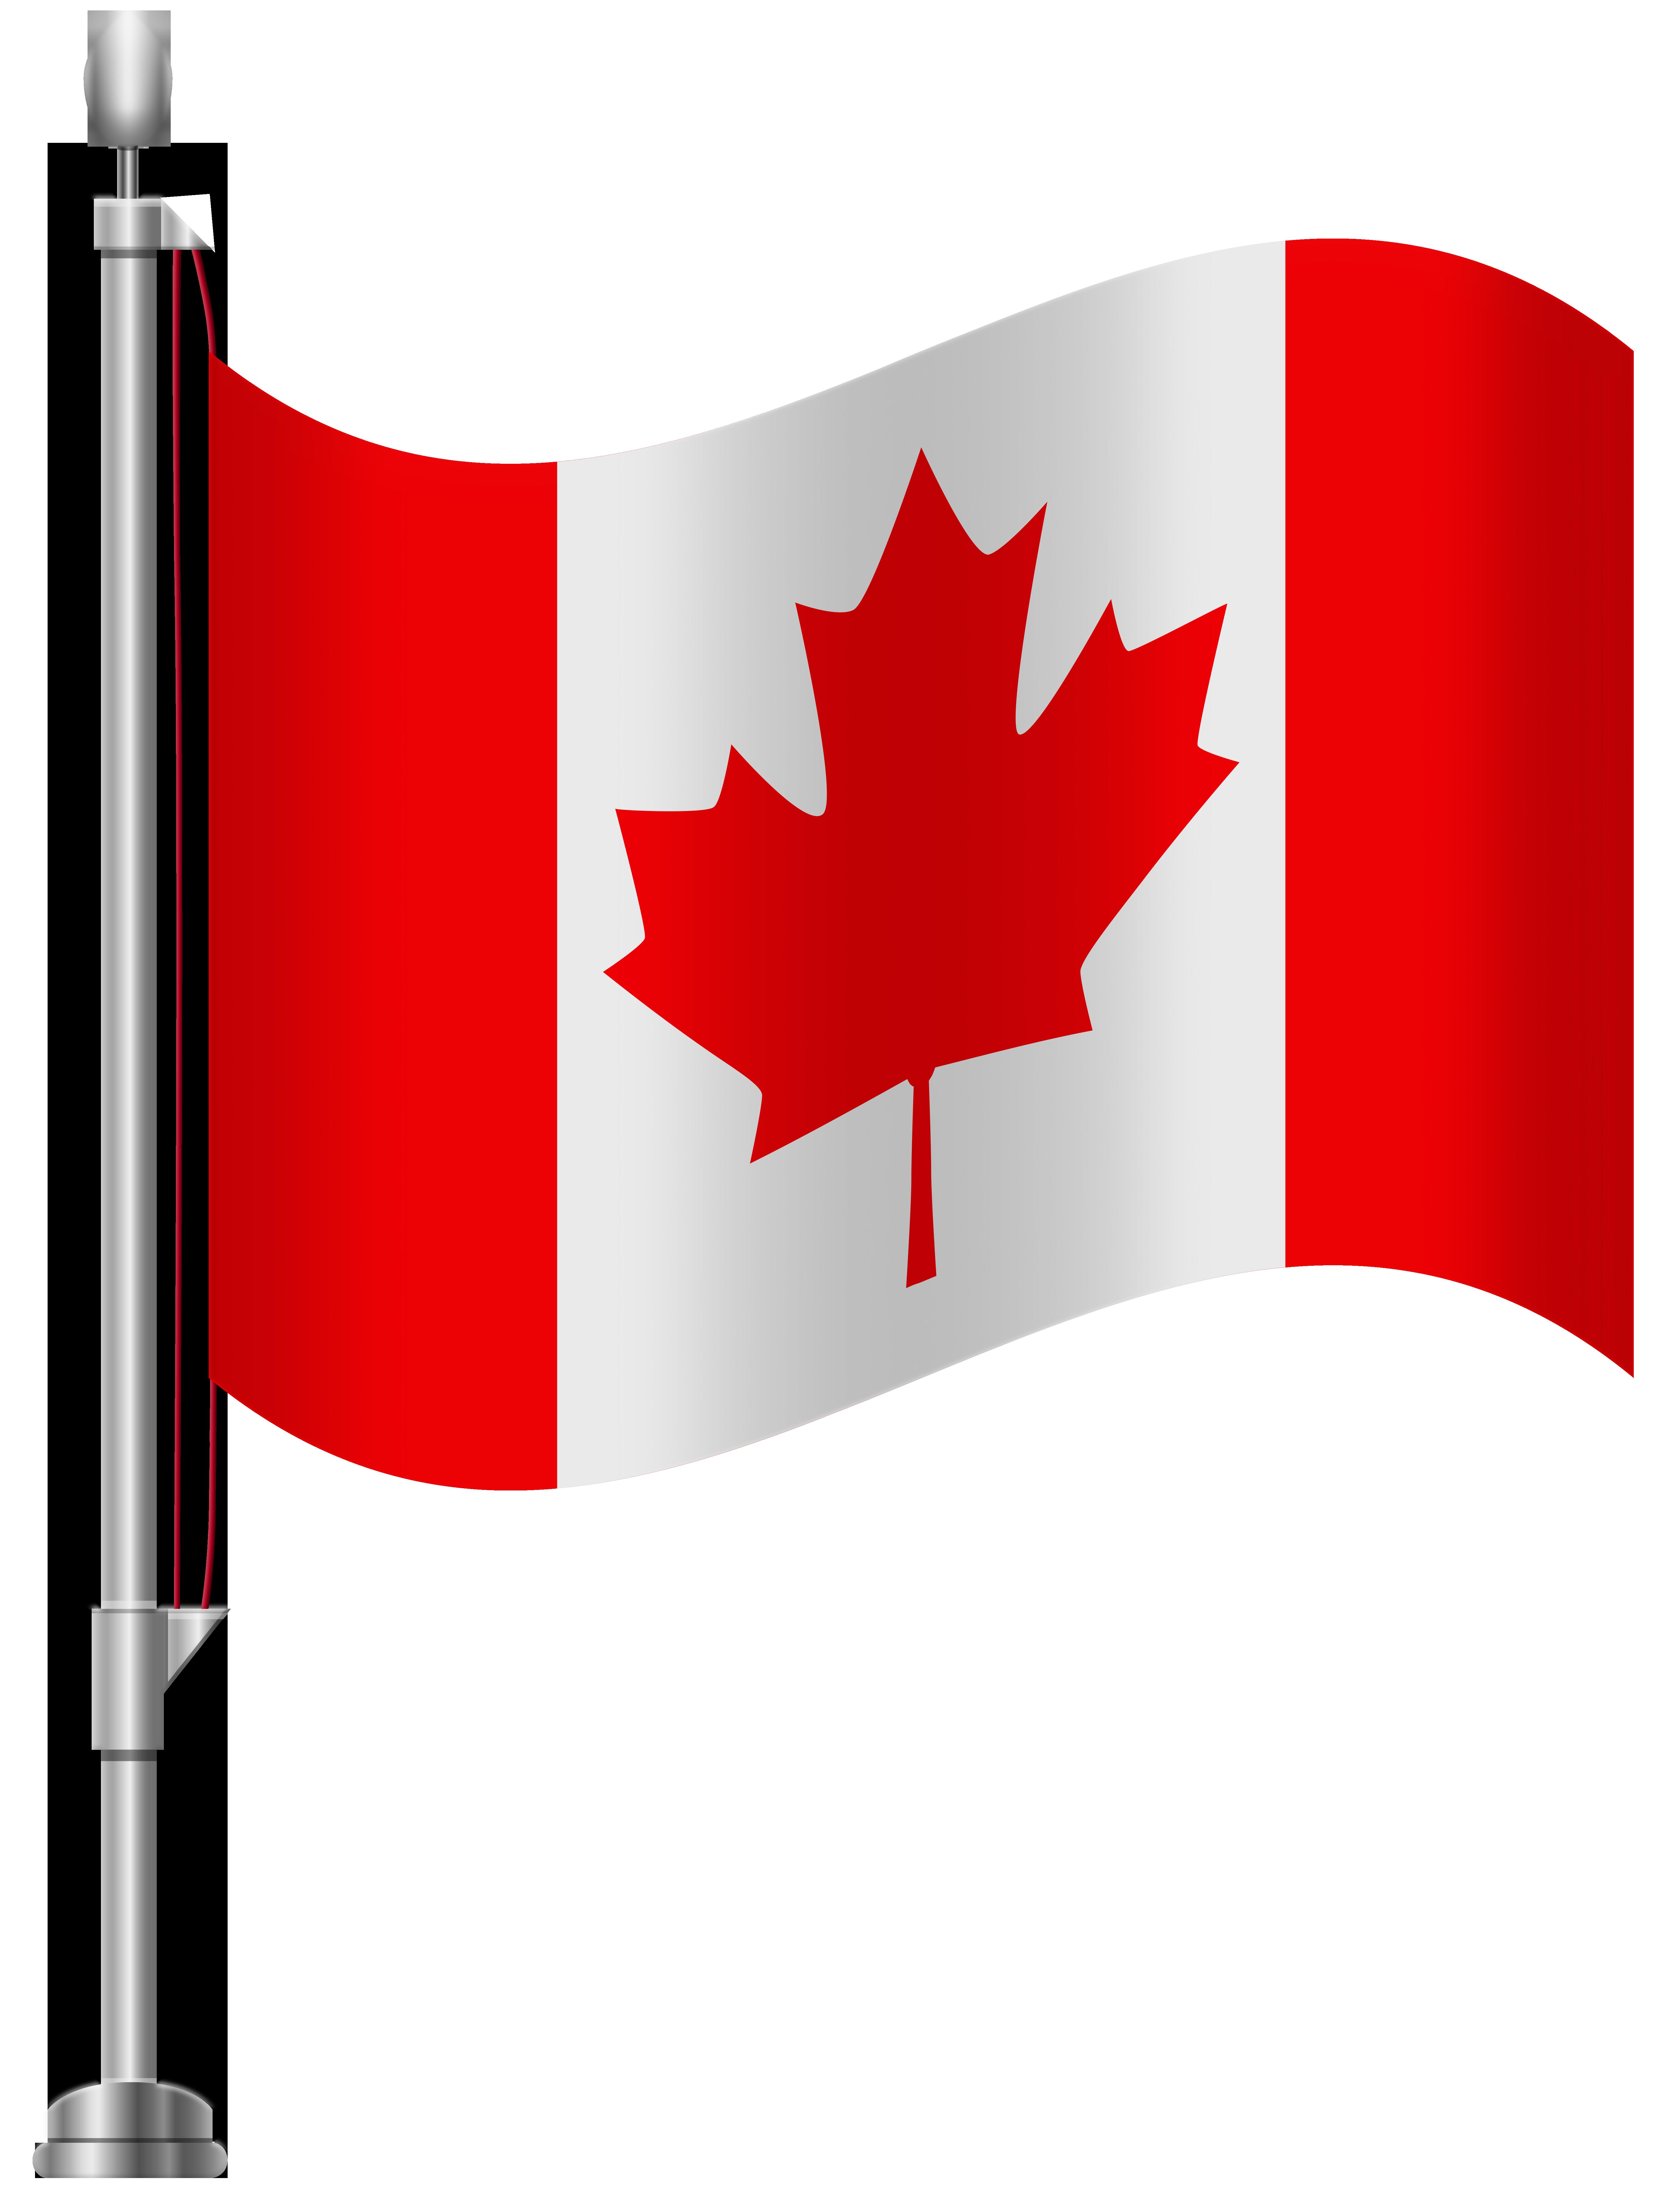 6141x8000 Canada Flag Png Clip Art